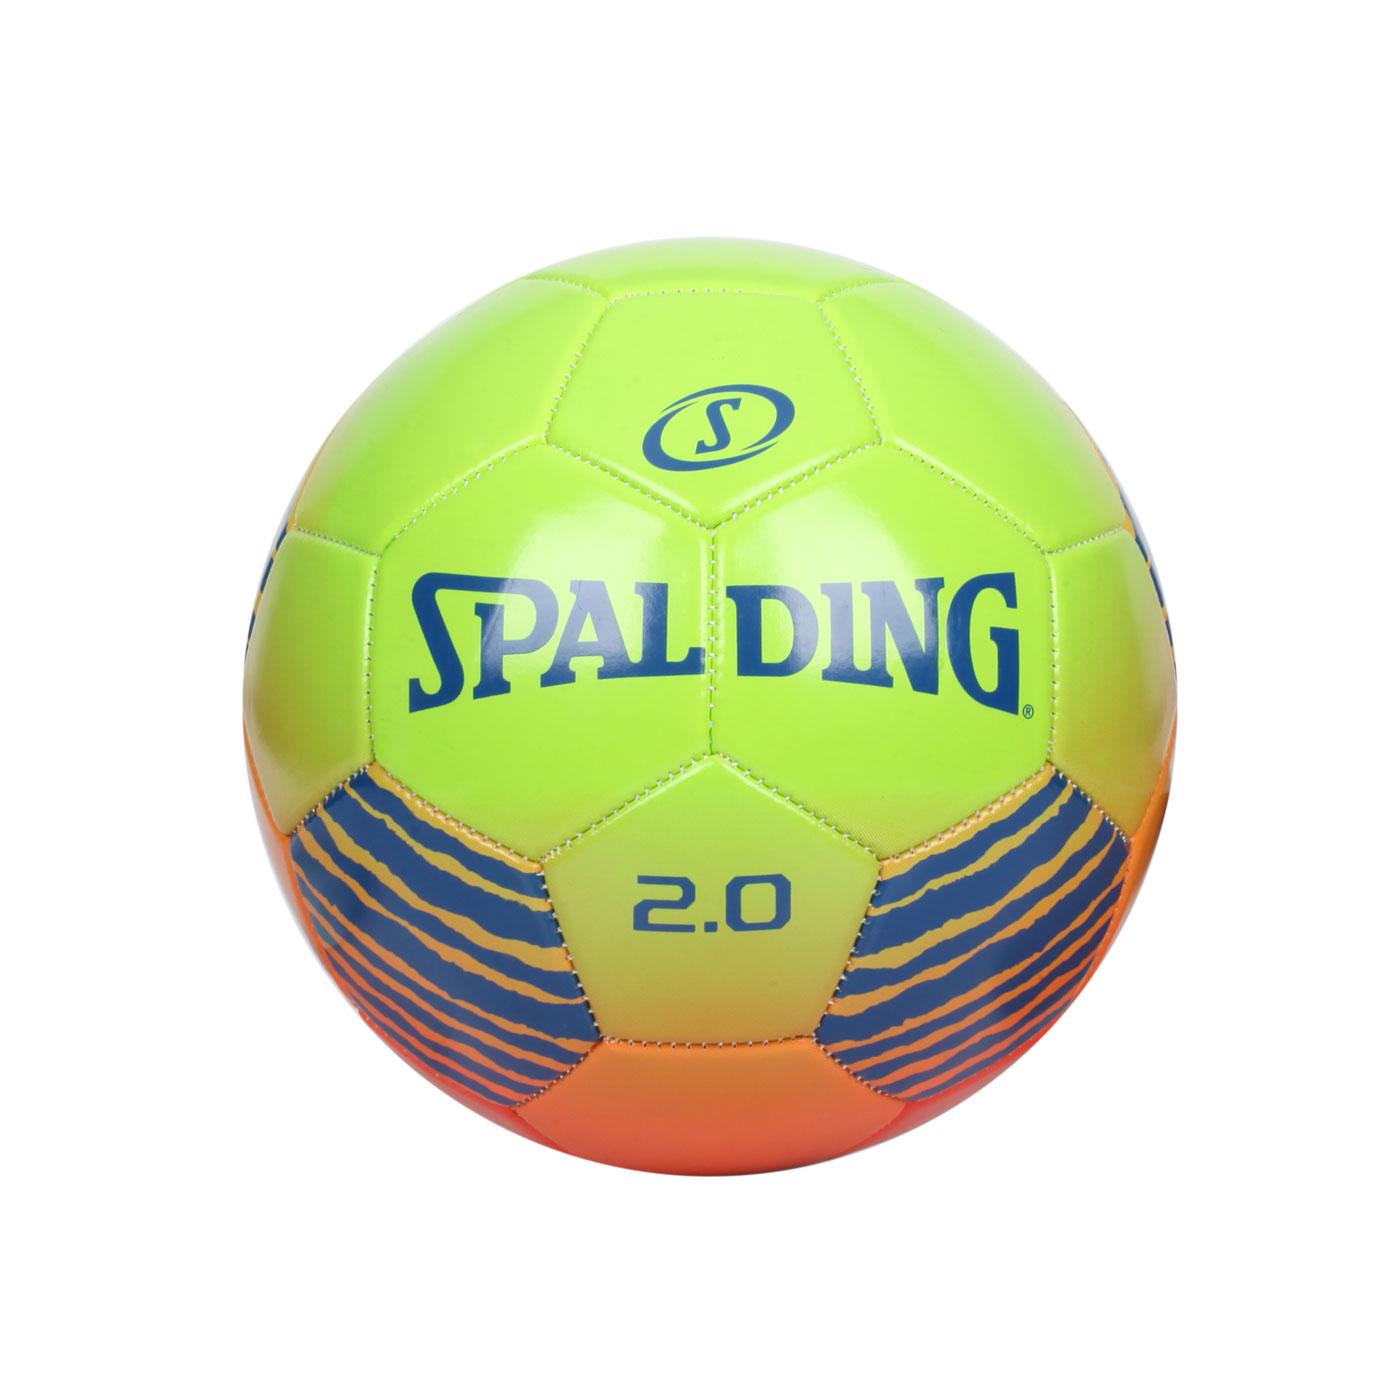 SPALDING 2.0#5號足球 SPA64951 - 紅橘藍綠